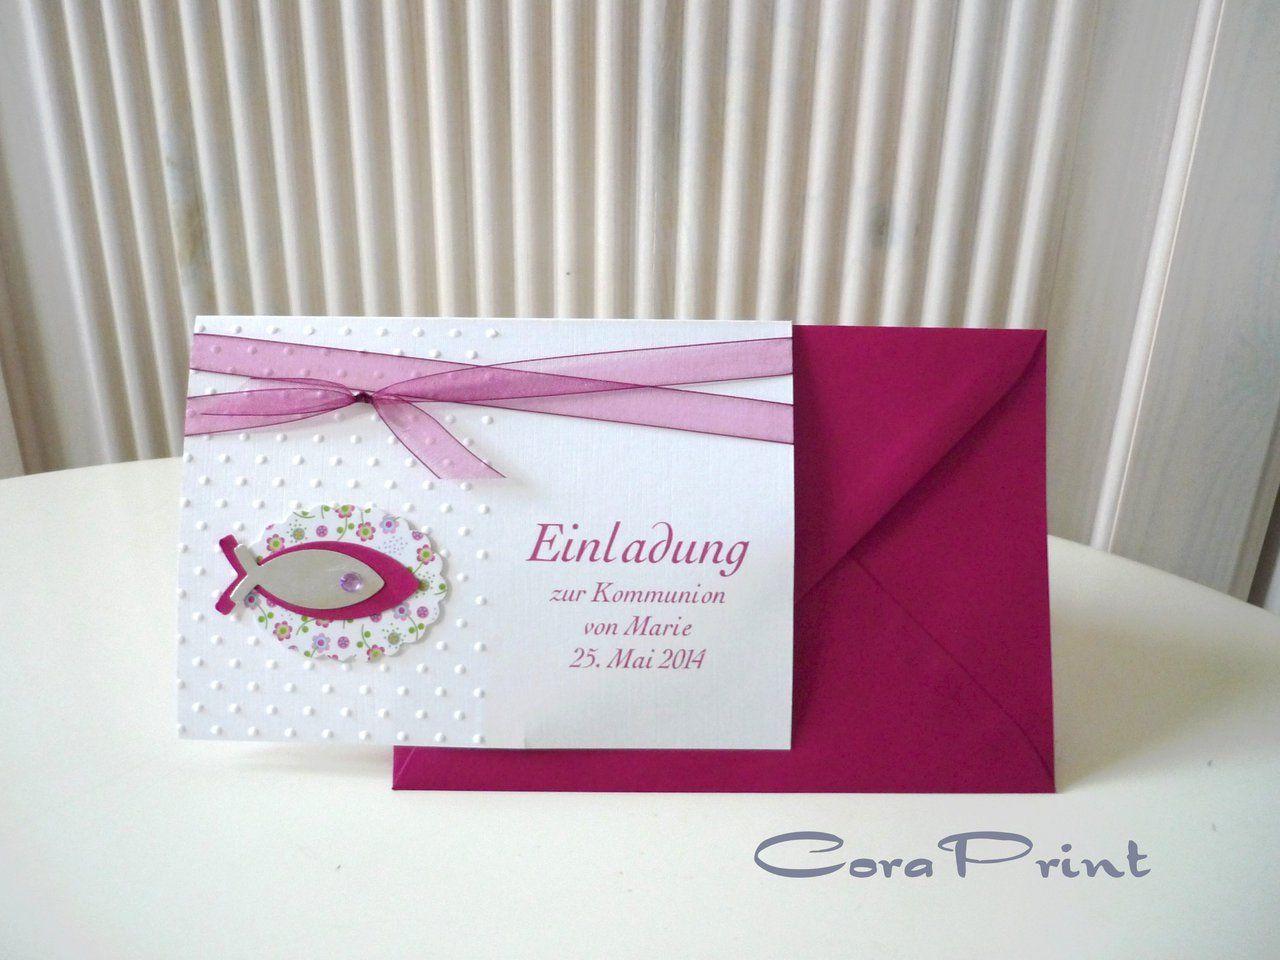 The Marvelous Kommunion Einladungskarten Selber Basteln Digital Photography Belo Einladung Kommunion Einladungskarten Kommunion Einladungskarten Selber Basteln